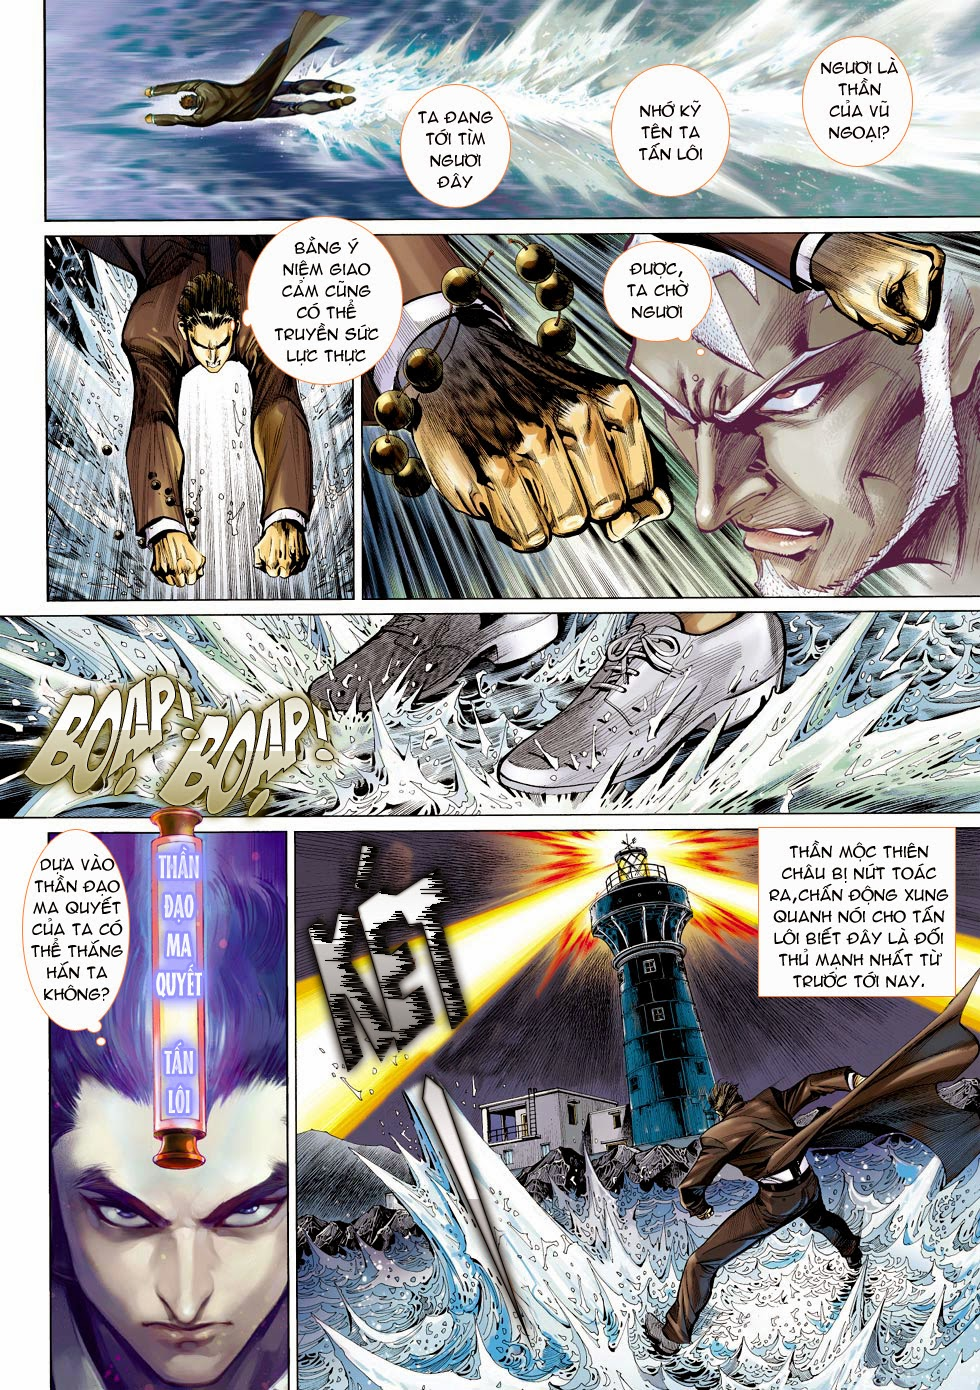 Thần Binh 4 chap 25 - Trang 4